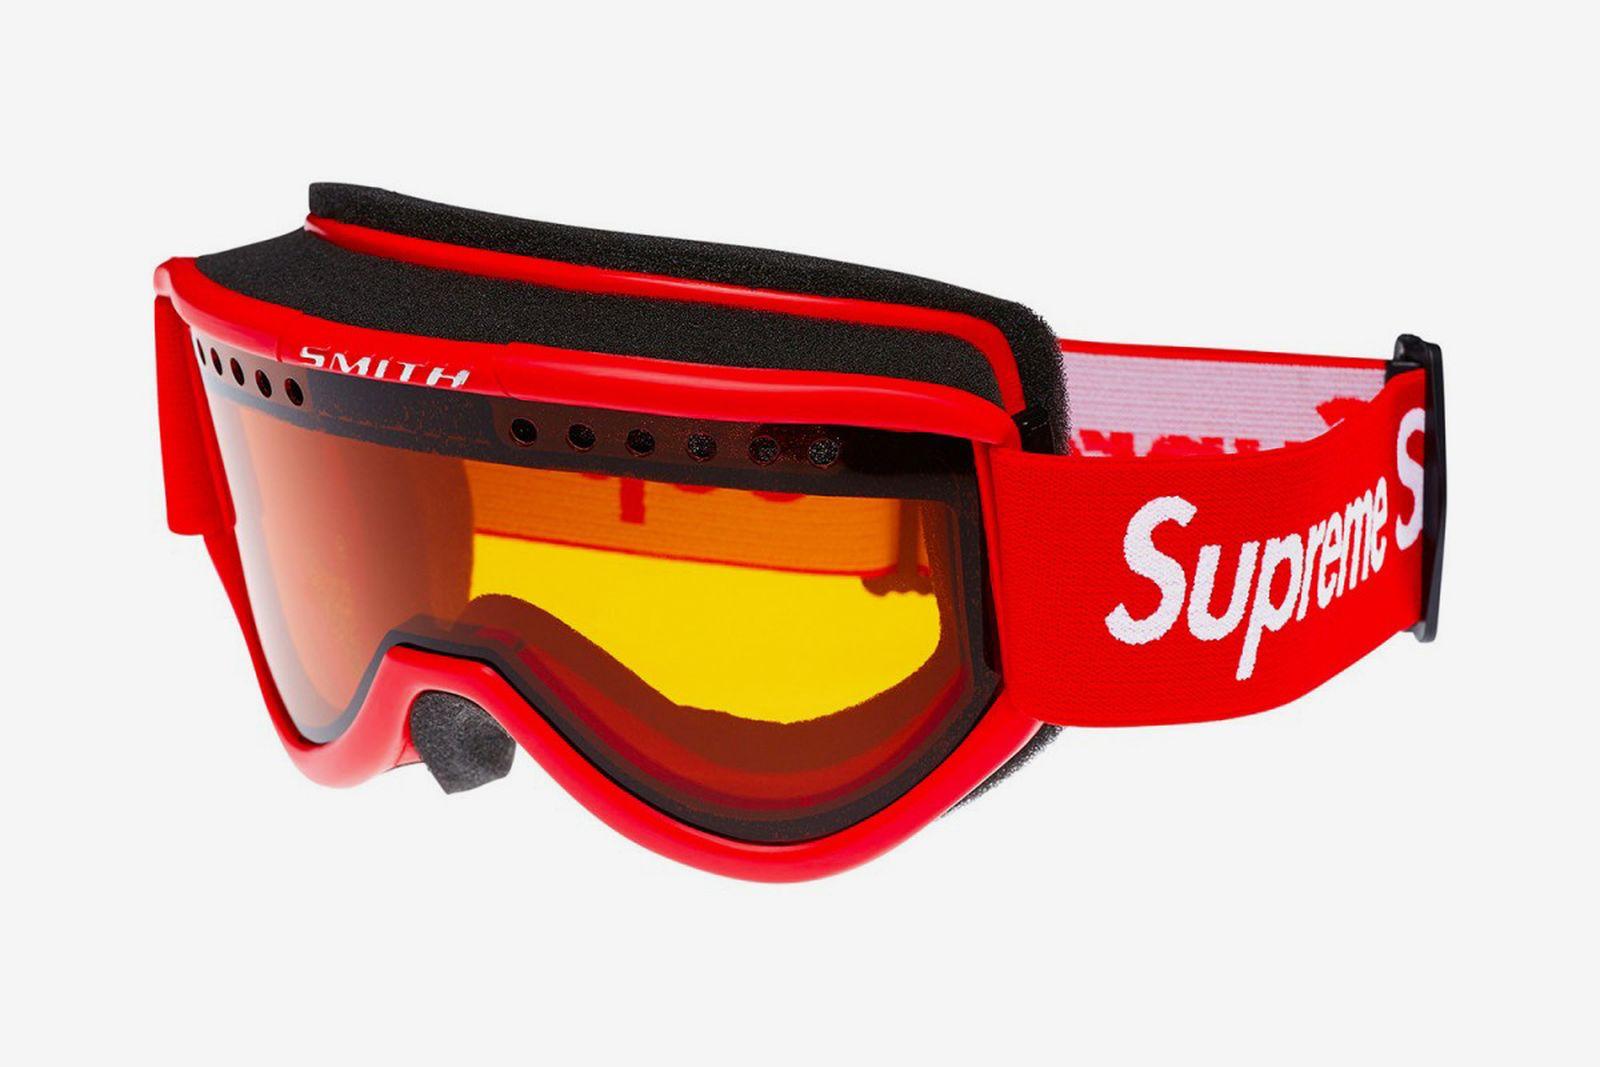 supreme smith optics ski goggles 3 1200x800 The North Face